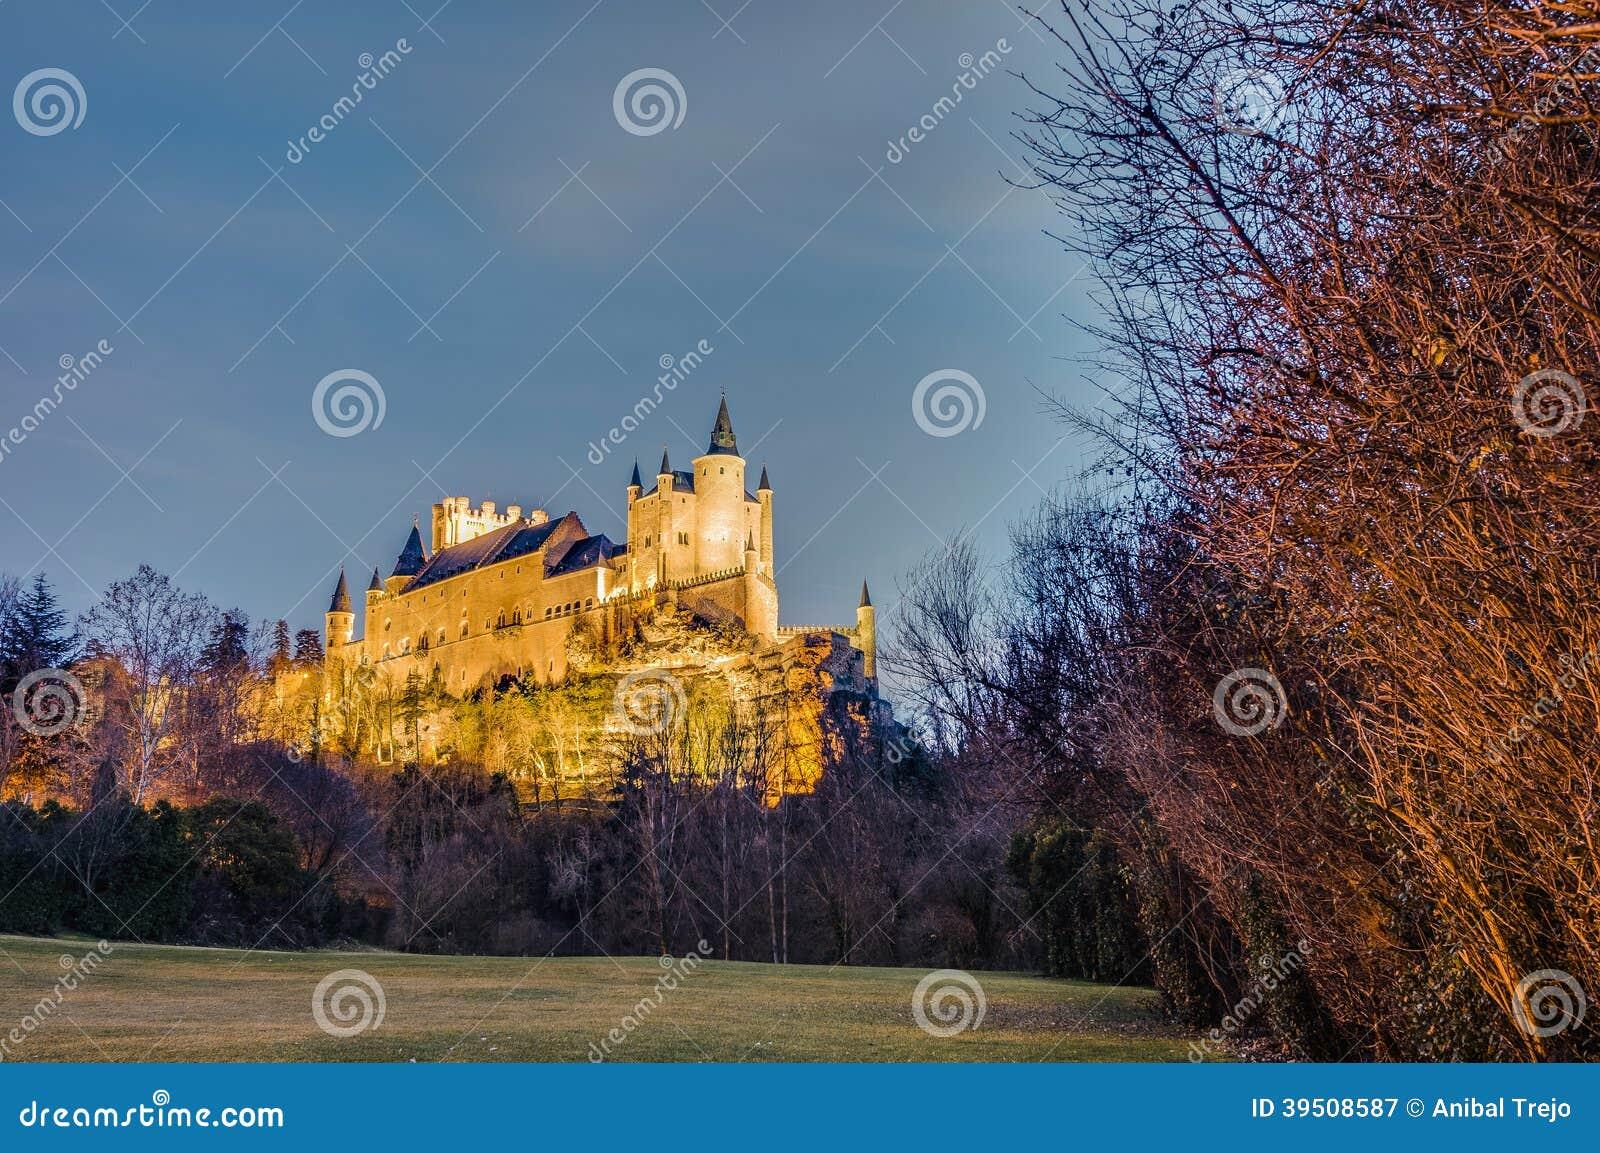 Alcazar di Segovia alla Castiglia e Leon, Spagna